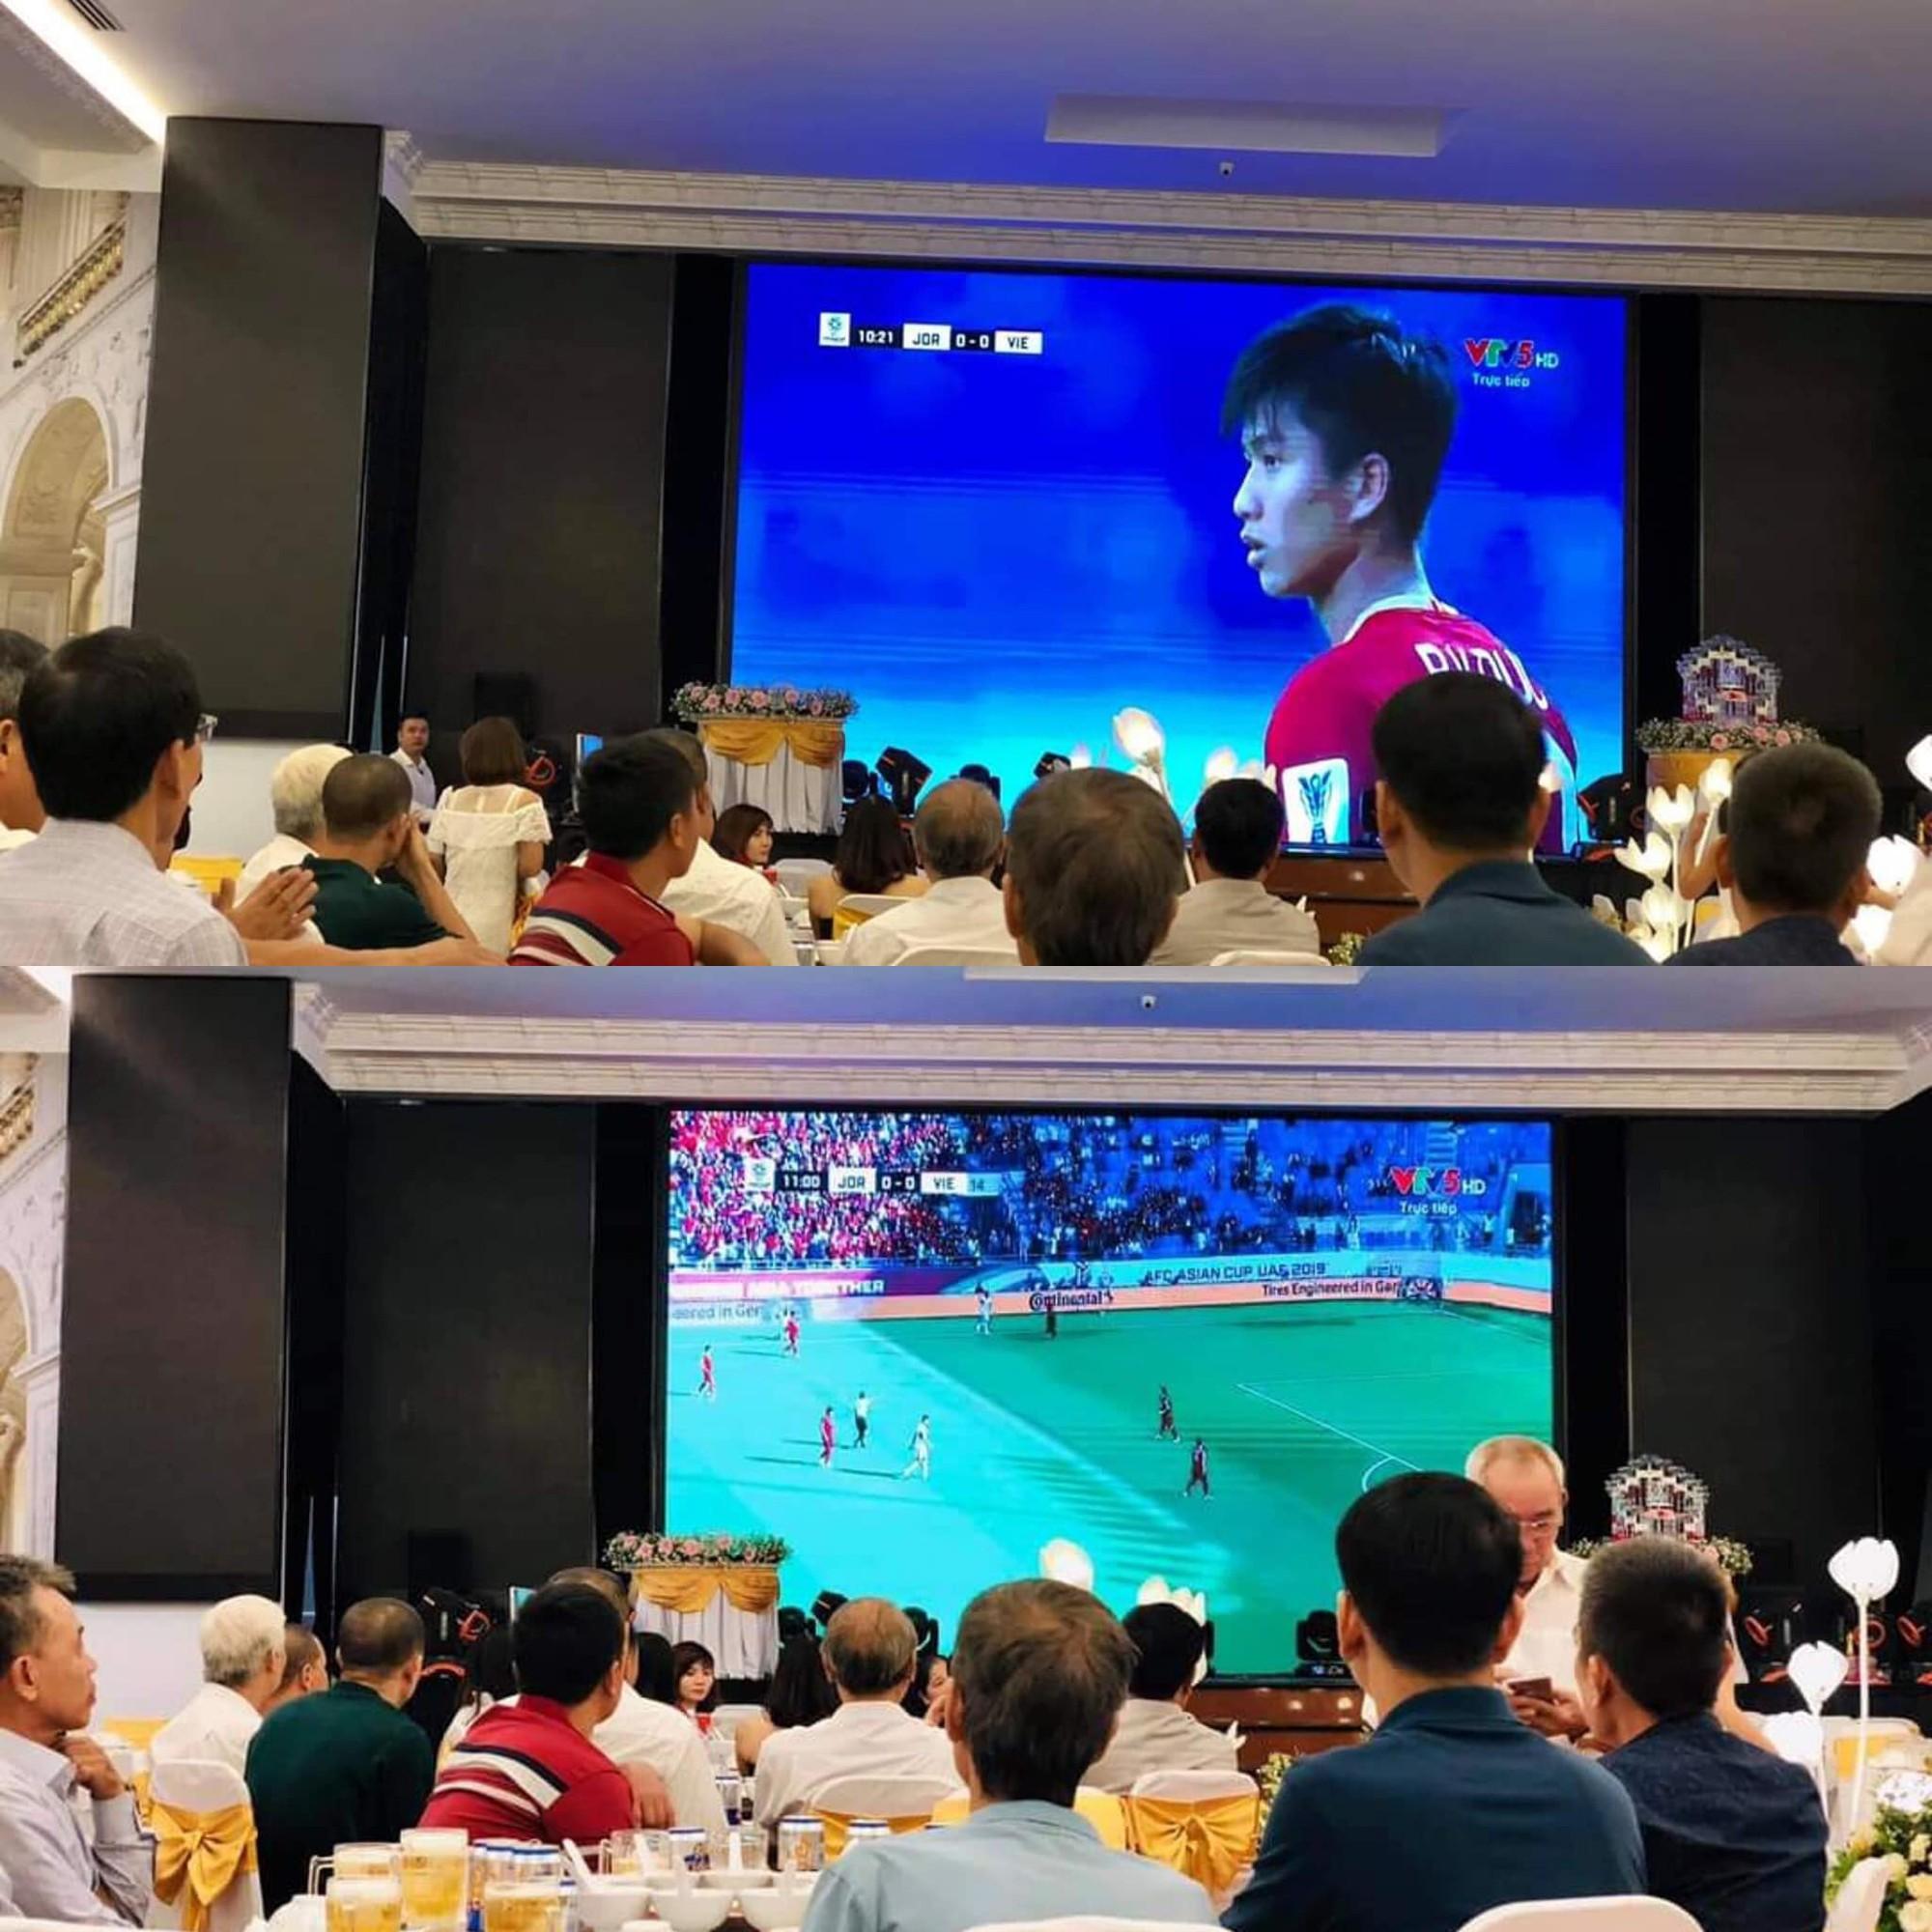 Đám cưới biết thành sân vận động thu nhỏ cổ vũ cho ĐT Việt Nam, quan khách vừa ăn tiệc vừa ăn mừng khi thầy trò HLV Park giành vé vào bán kết - Ảnh 1.